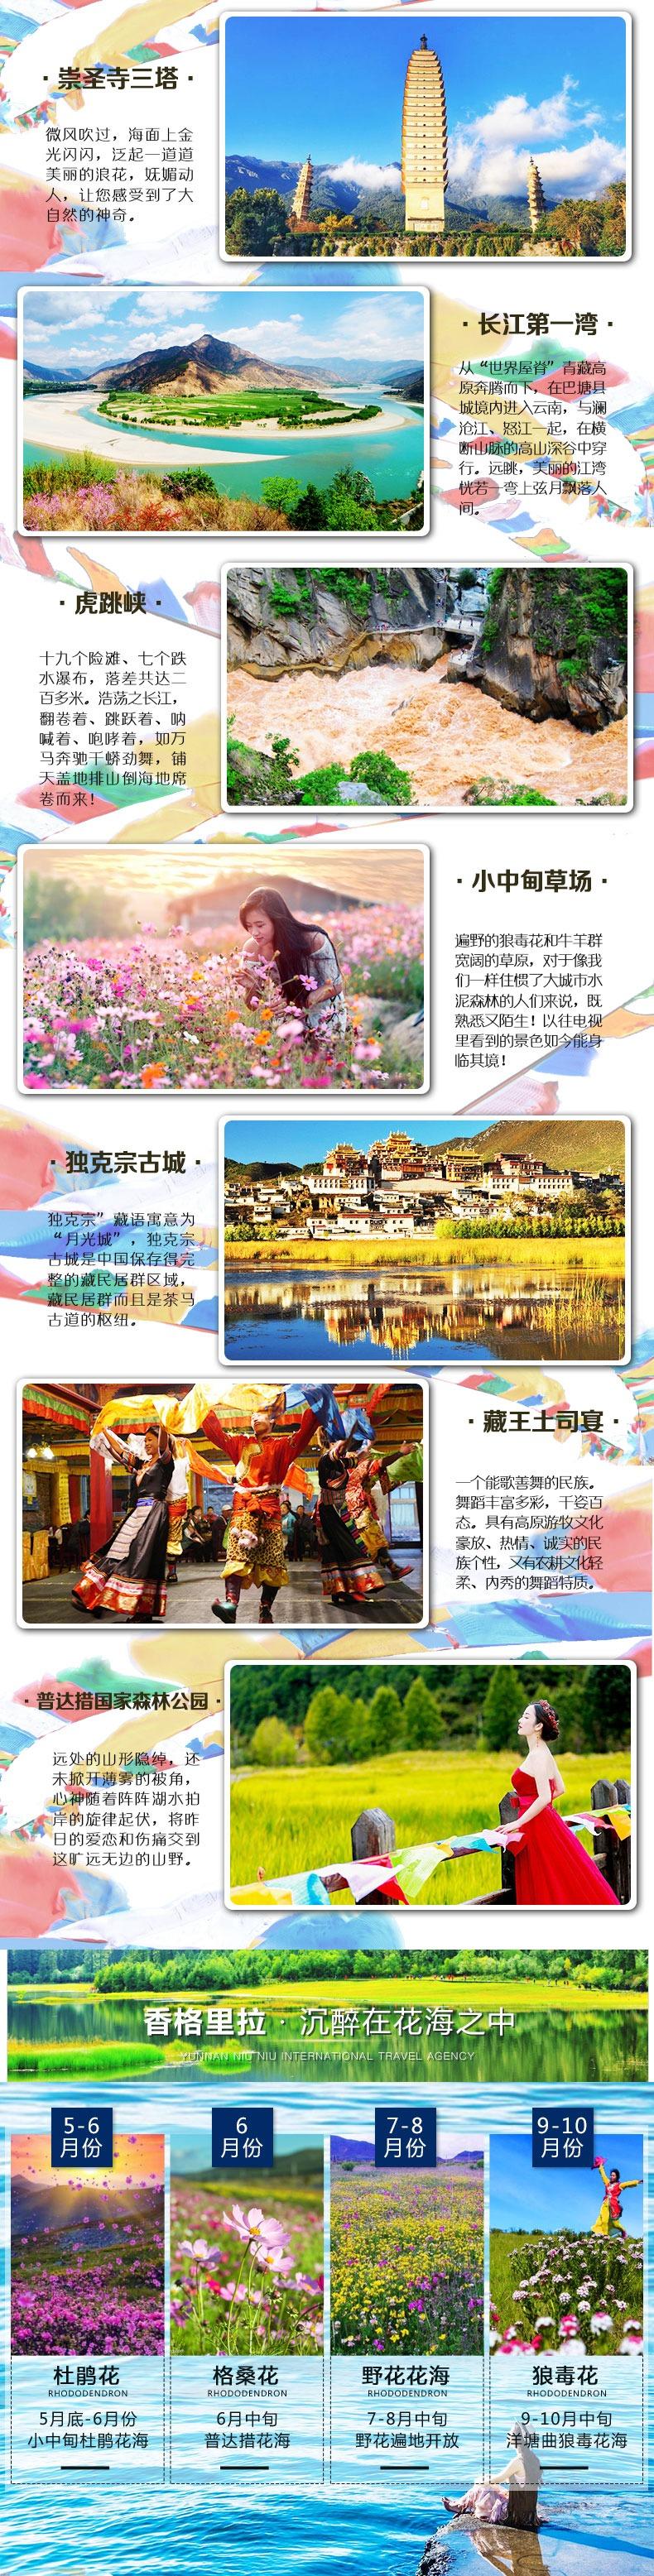 云南大理+丽江玉龙雪山+香格里拉7日6晚跟团游·《纯玩专线》无年龄